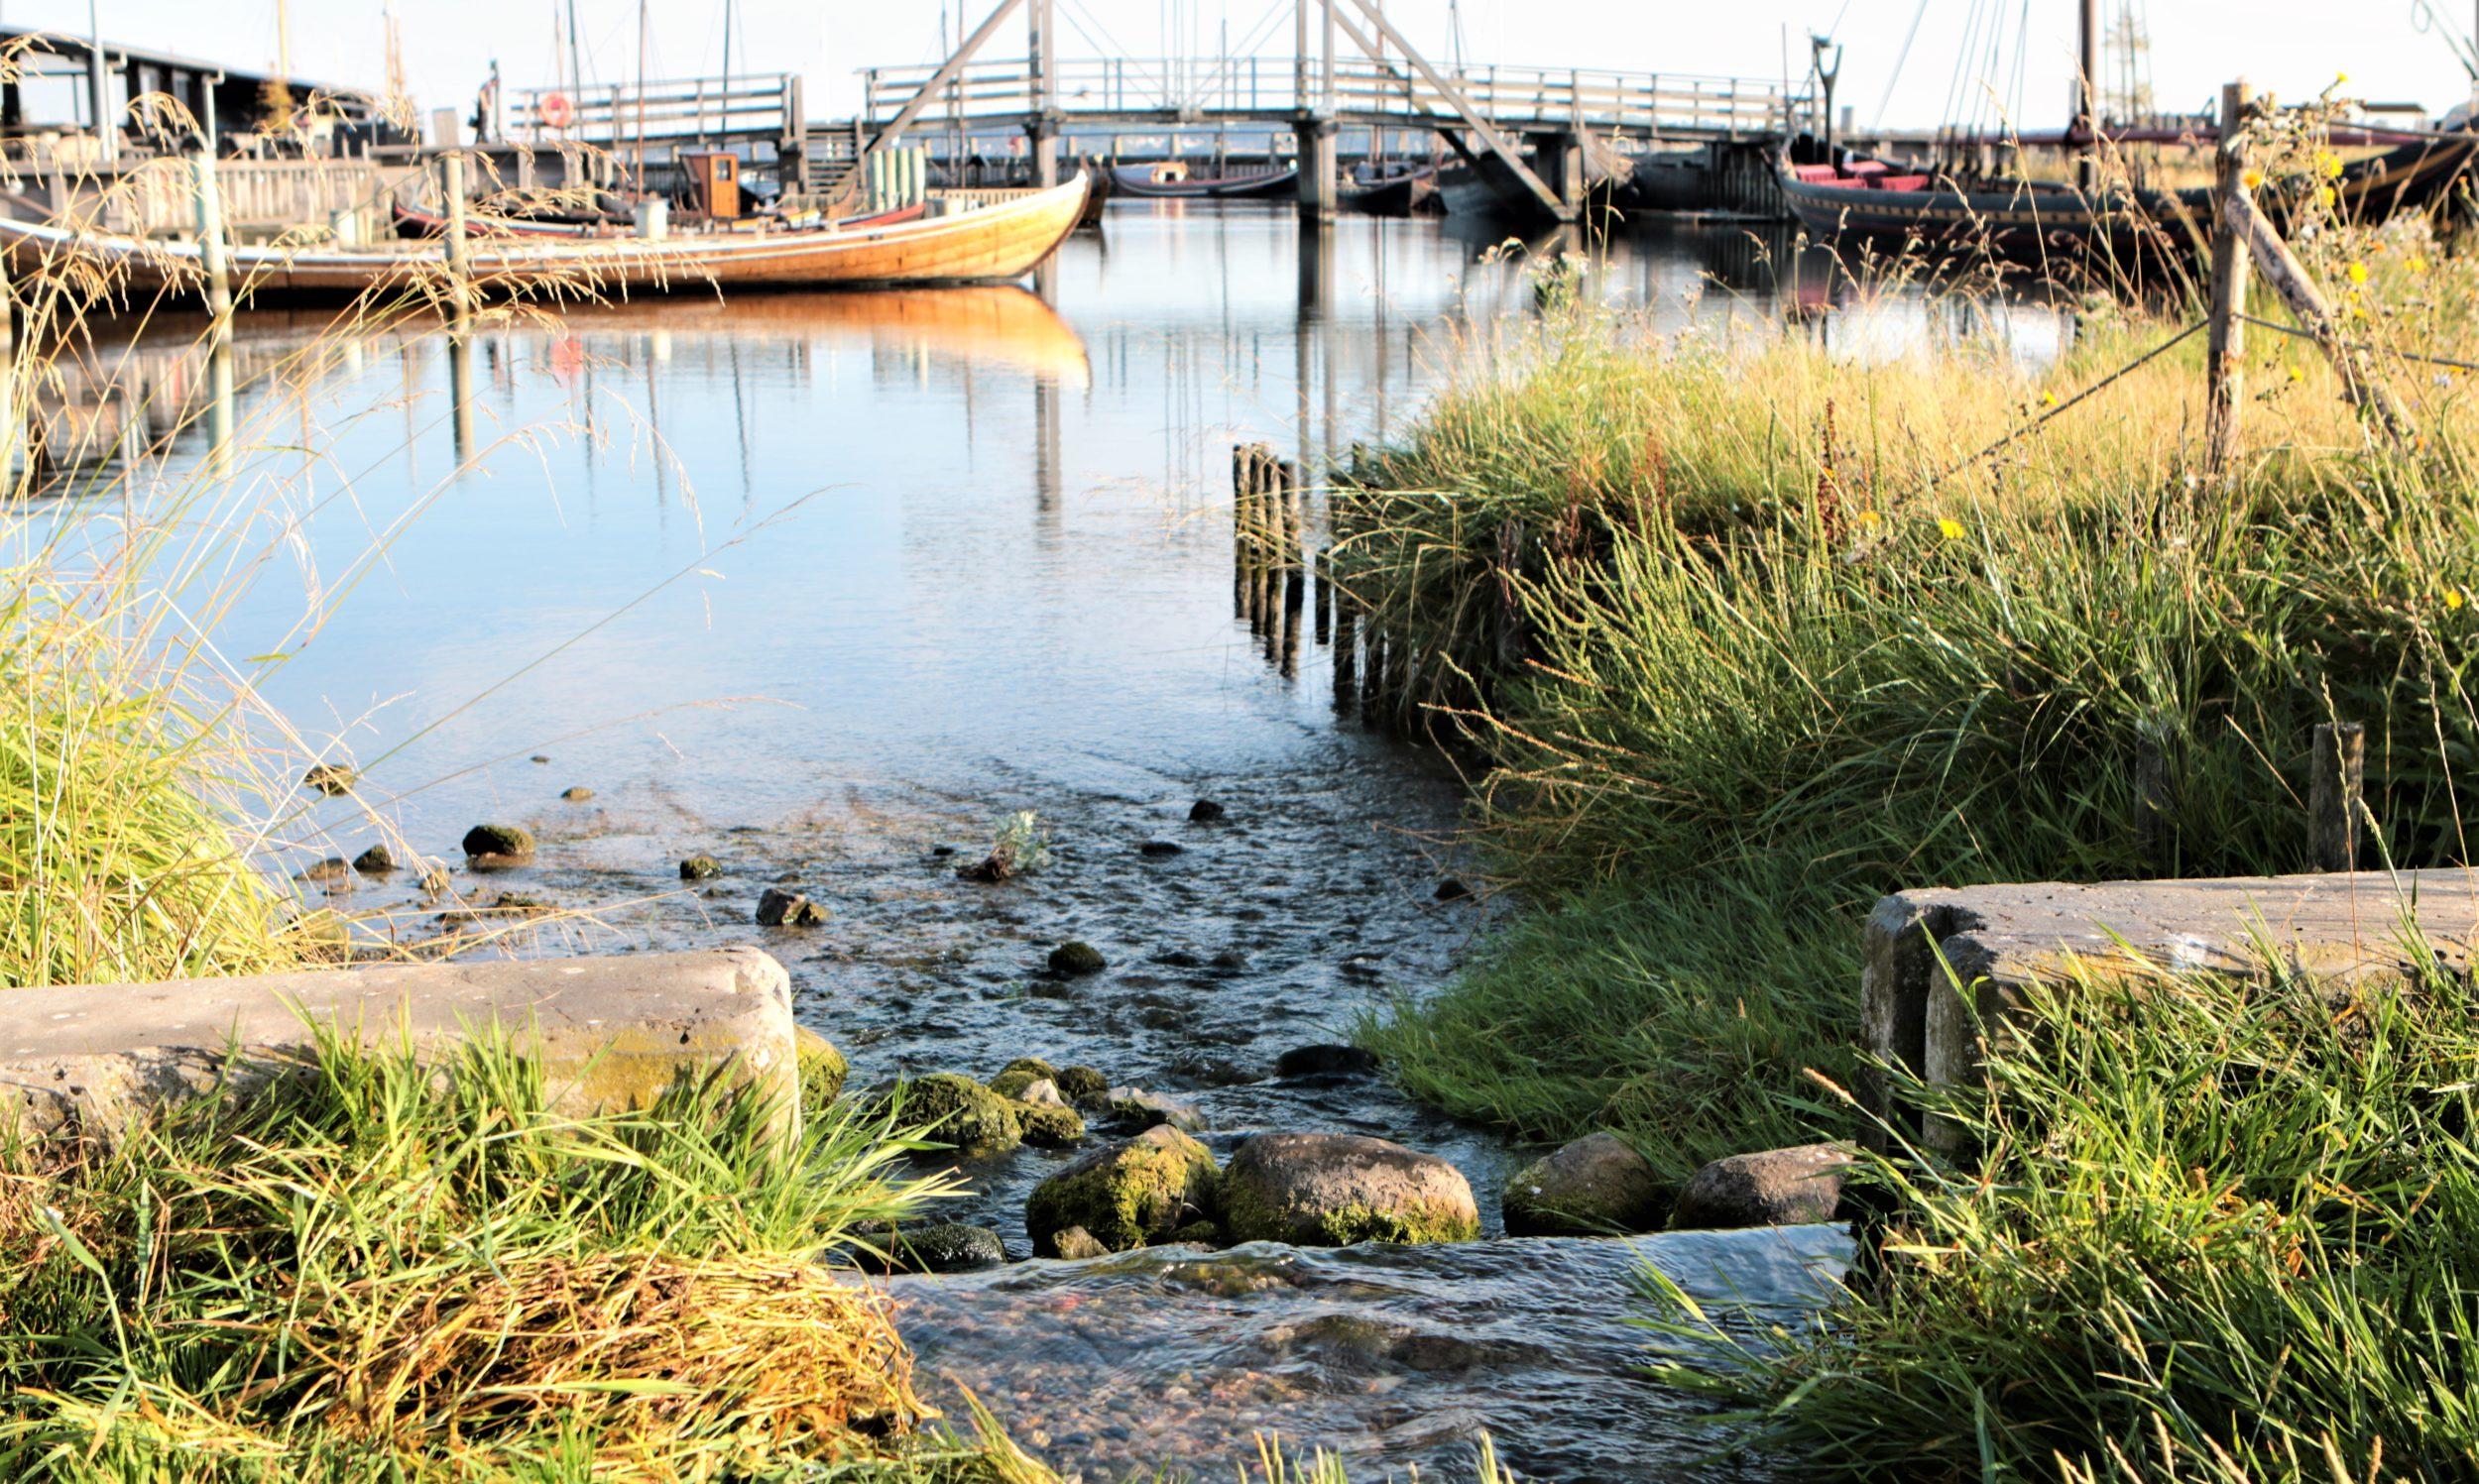 Varme Roskilde vågner op